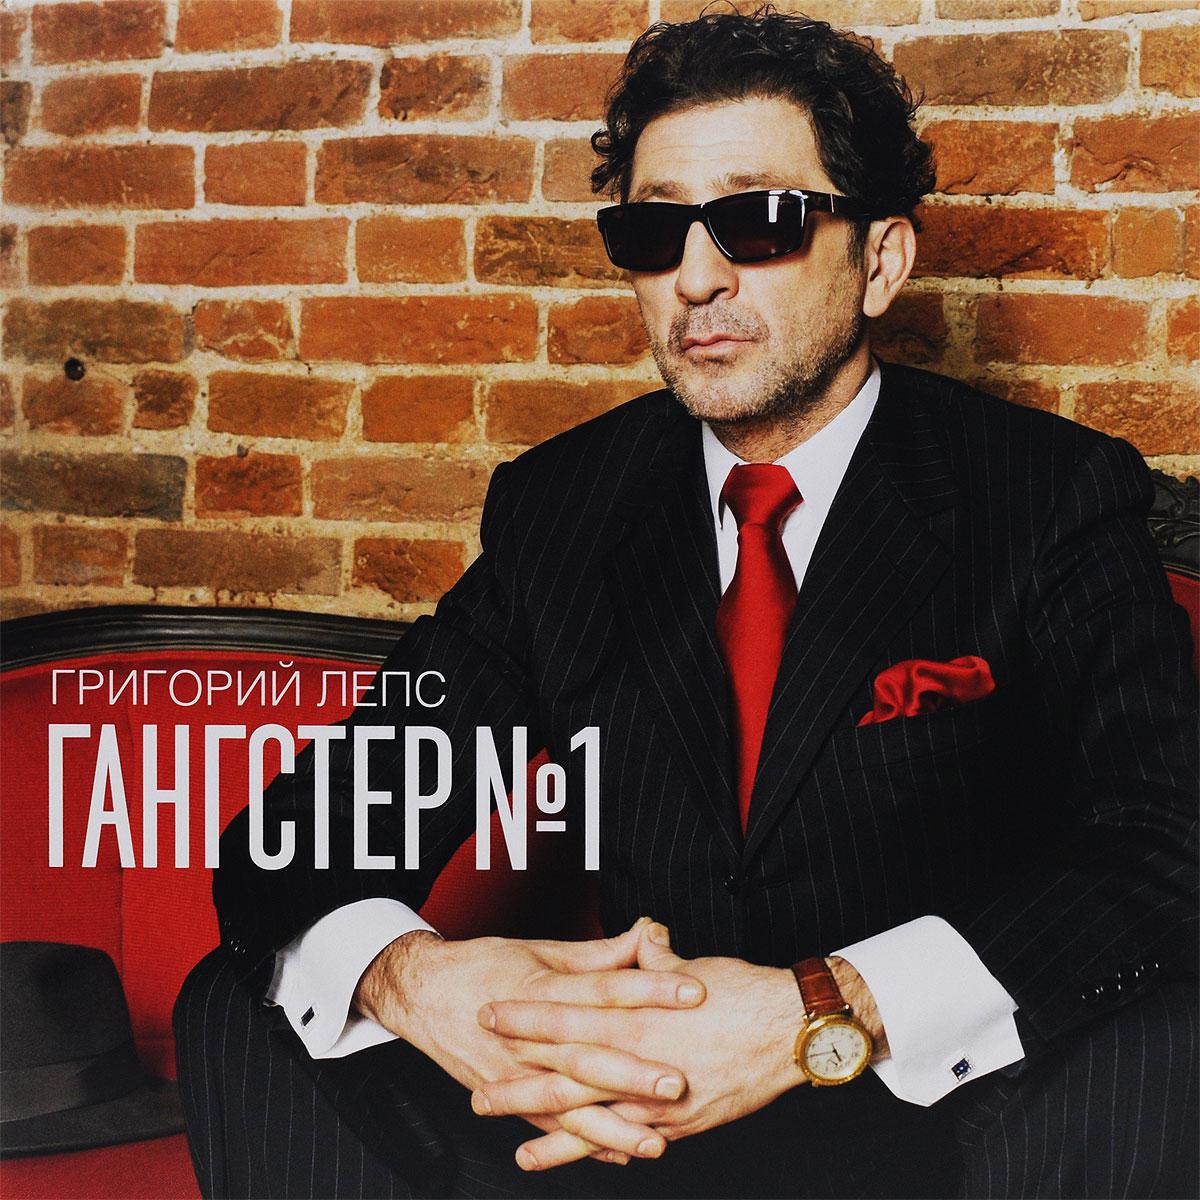 Григорий Лепс Григорий Лепс. Гангстер №1 (2 LP) григорий лепс – ты чего такой серьёзный cd